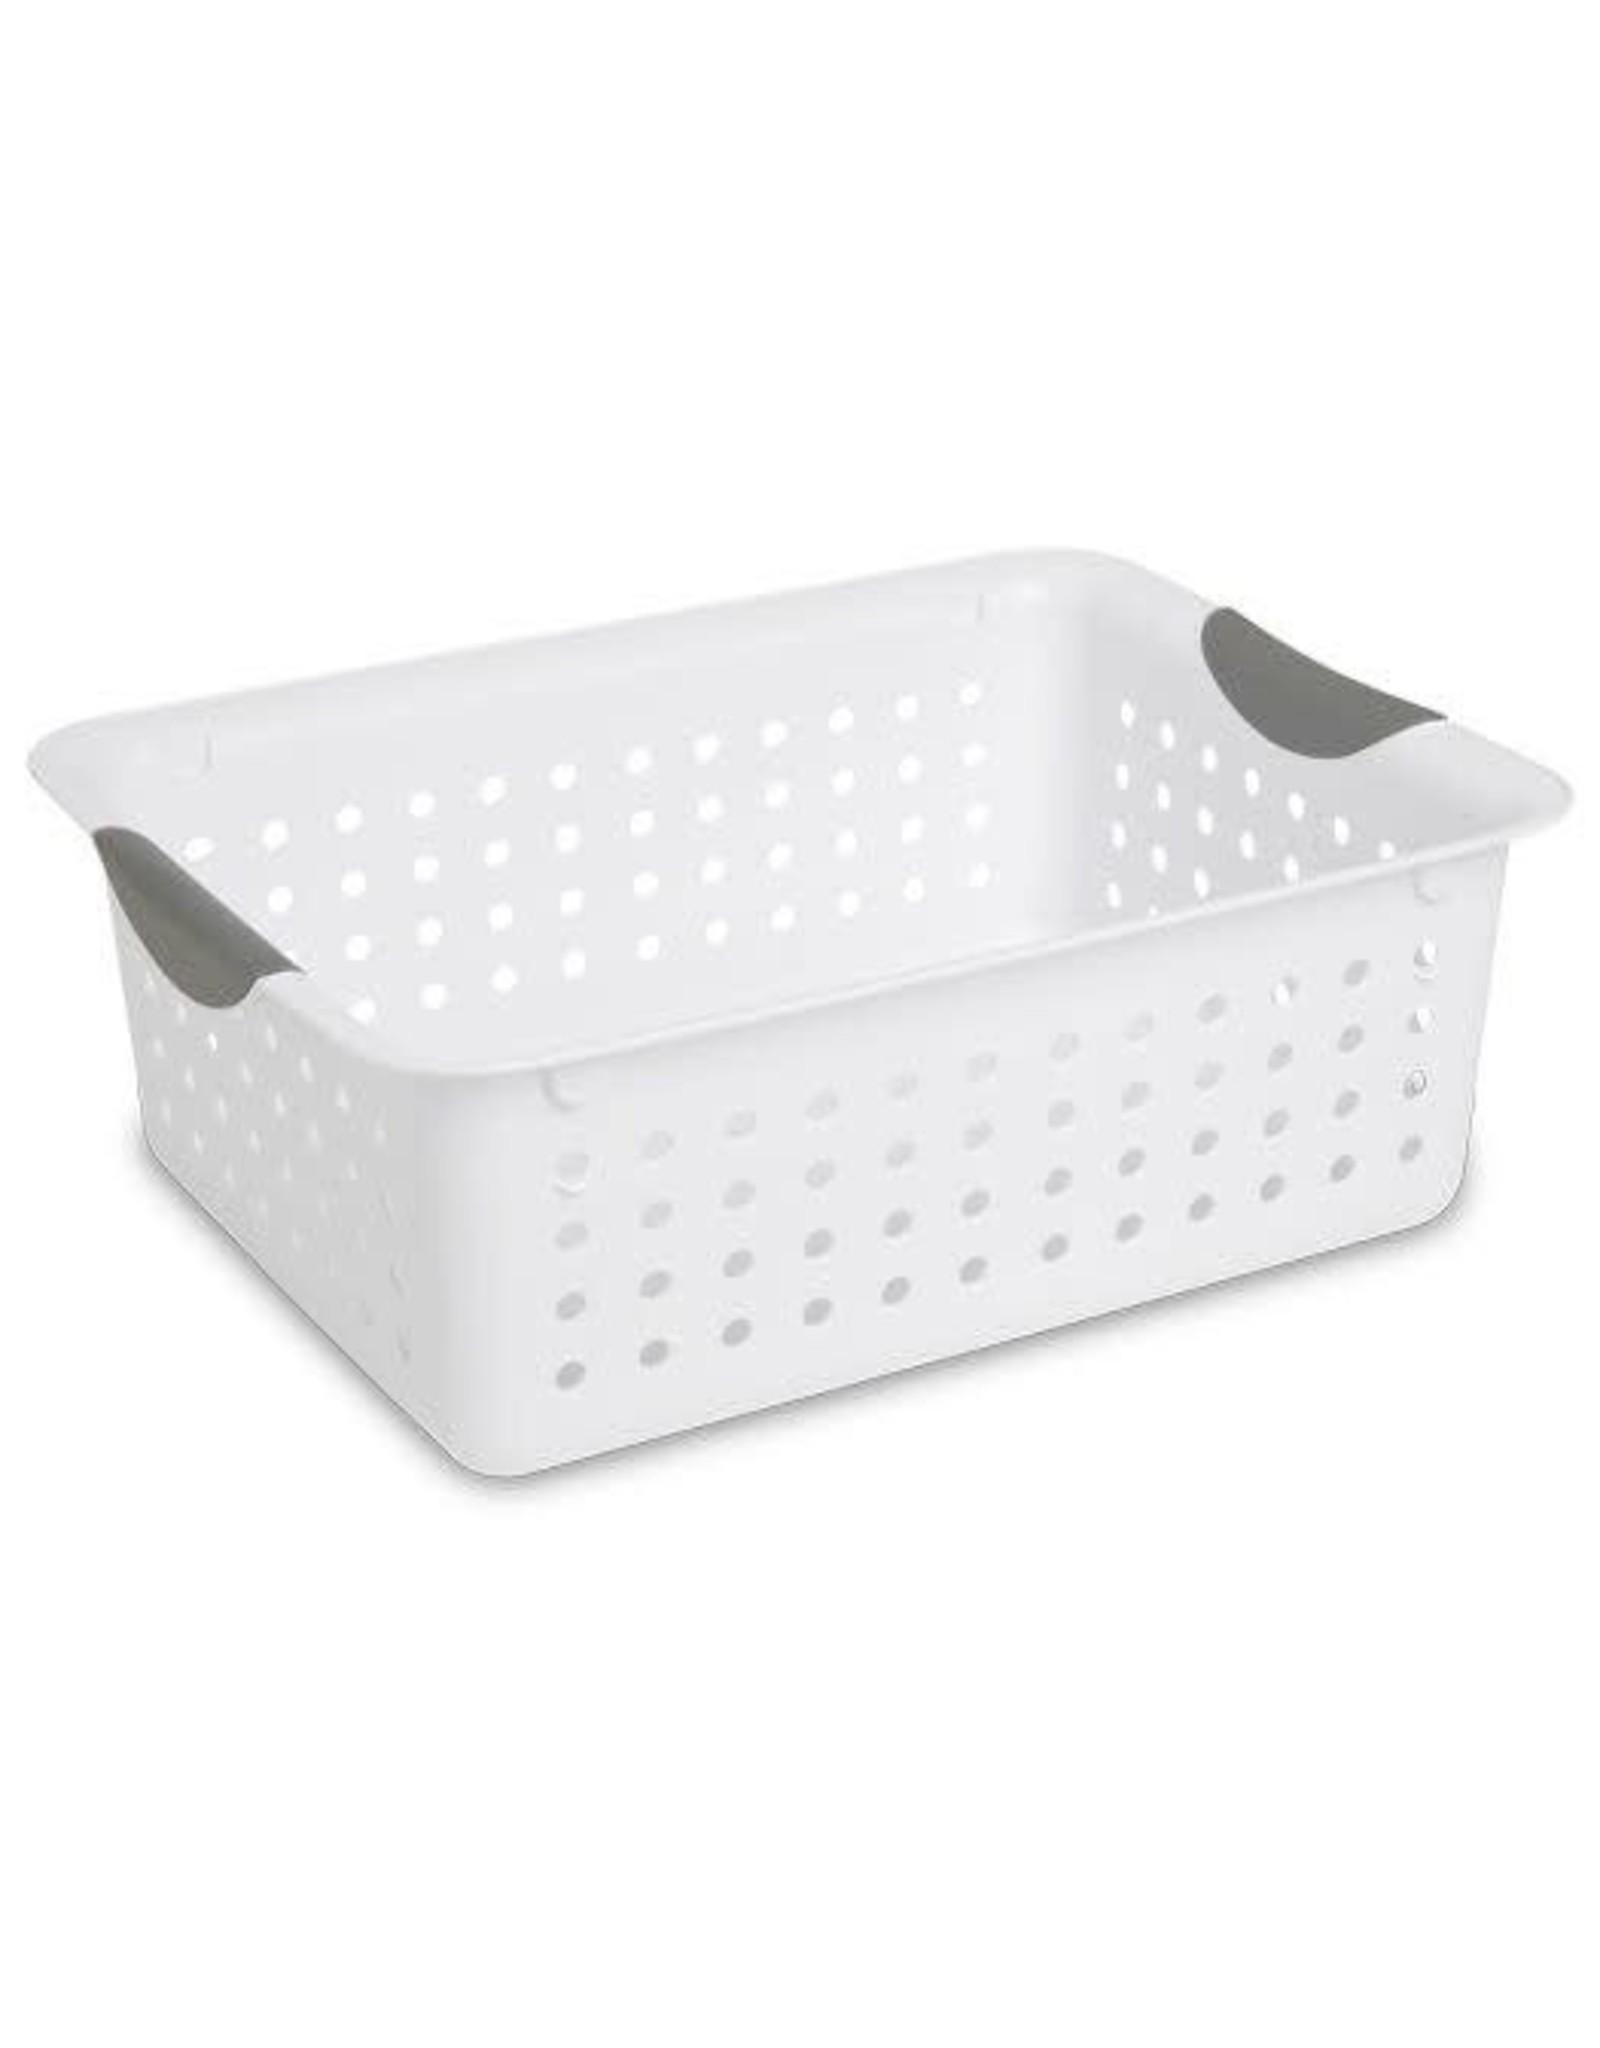 Basket-Ultra-13L x10w x5h White